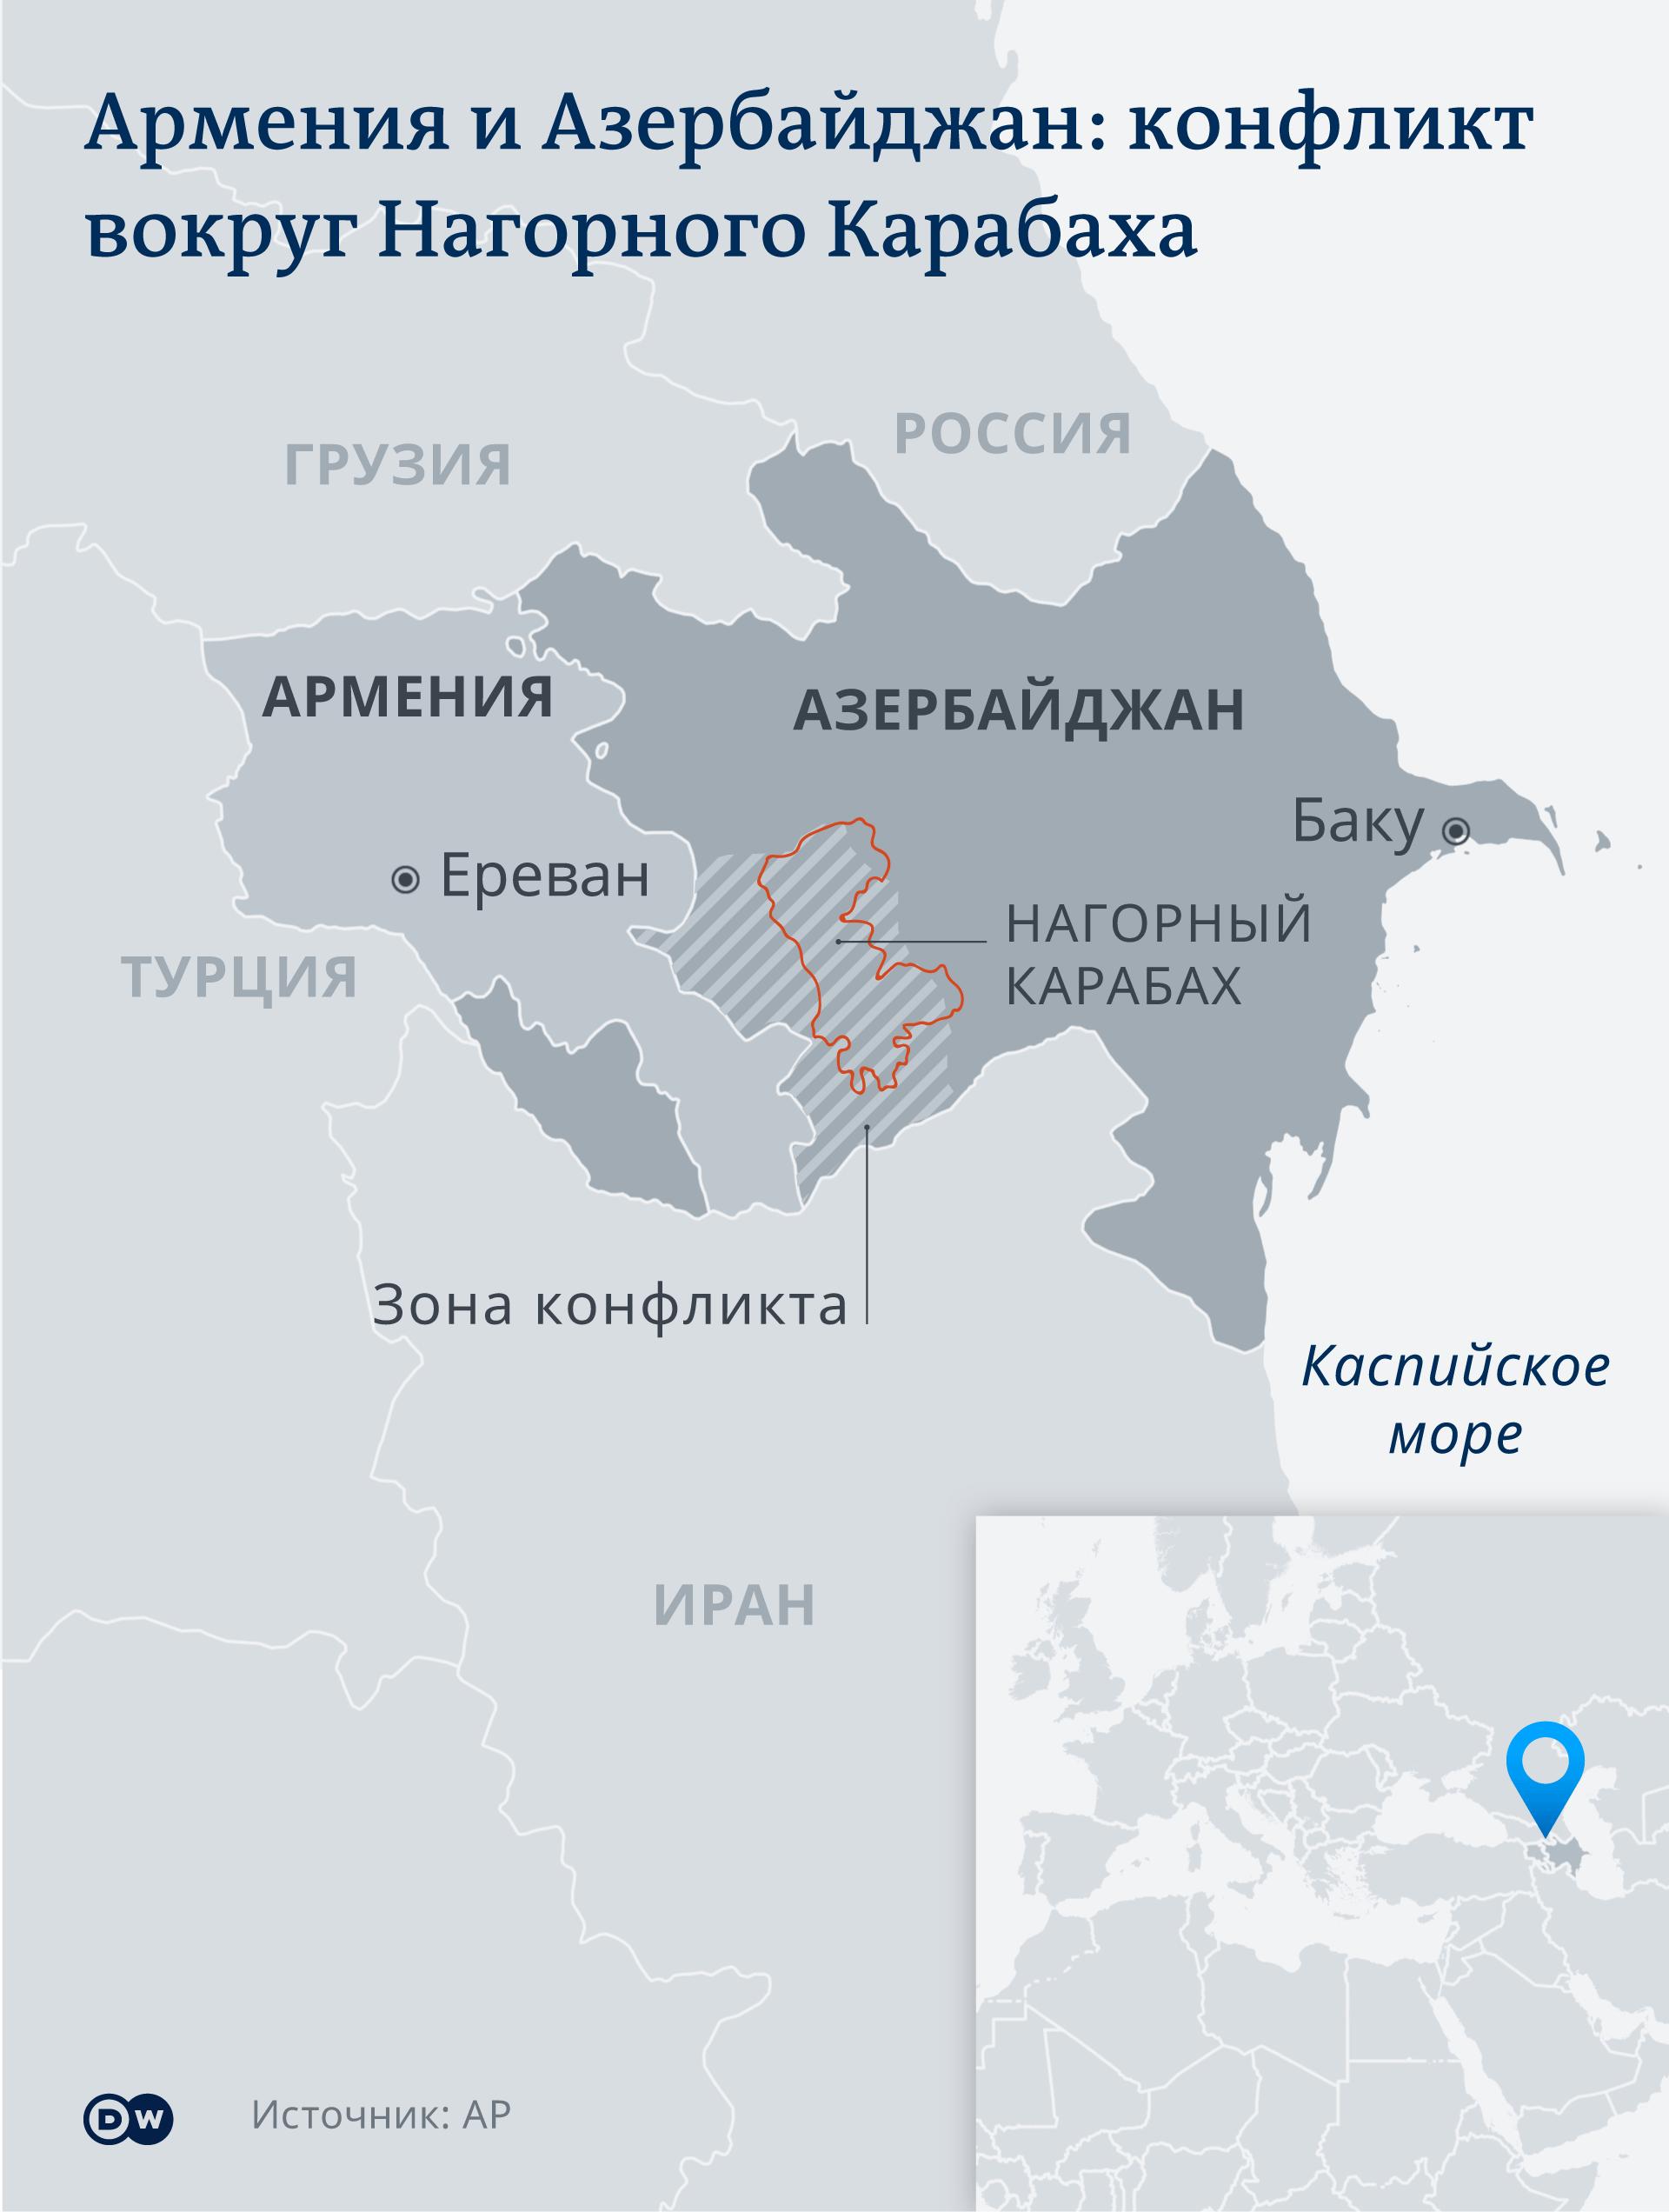 Нагорный Карабах - зона конфликта (карта)